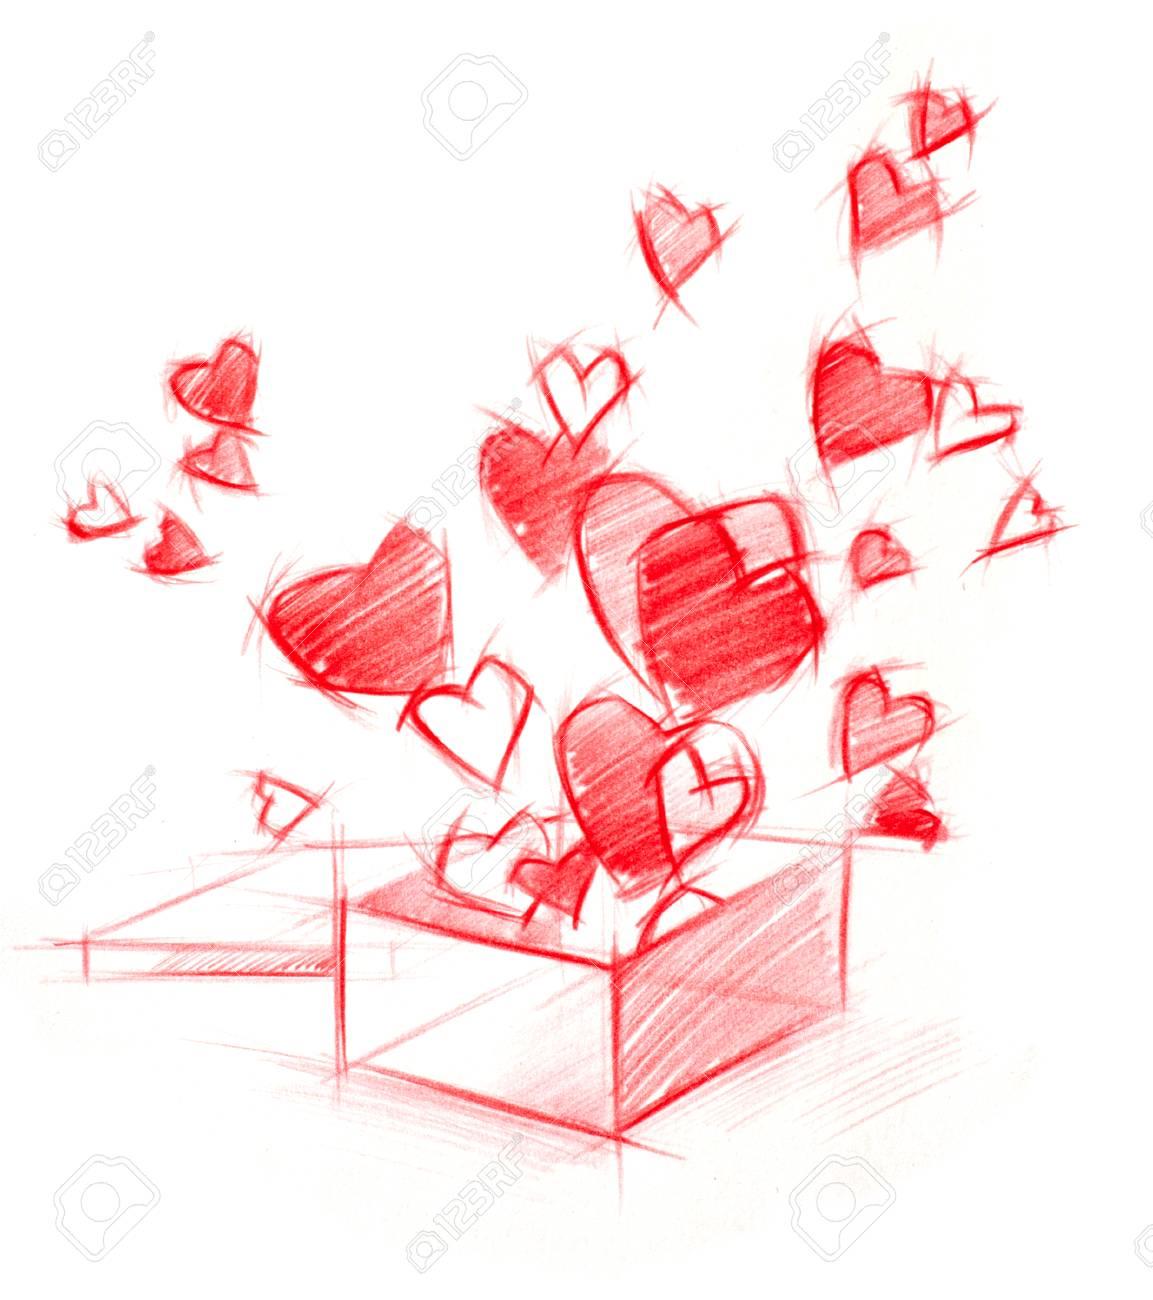 Croquis Dessin Box Avec Des Coeurs Rouges Isole Sur Blanc Banque